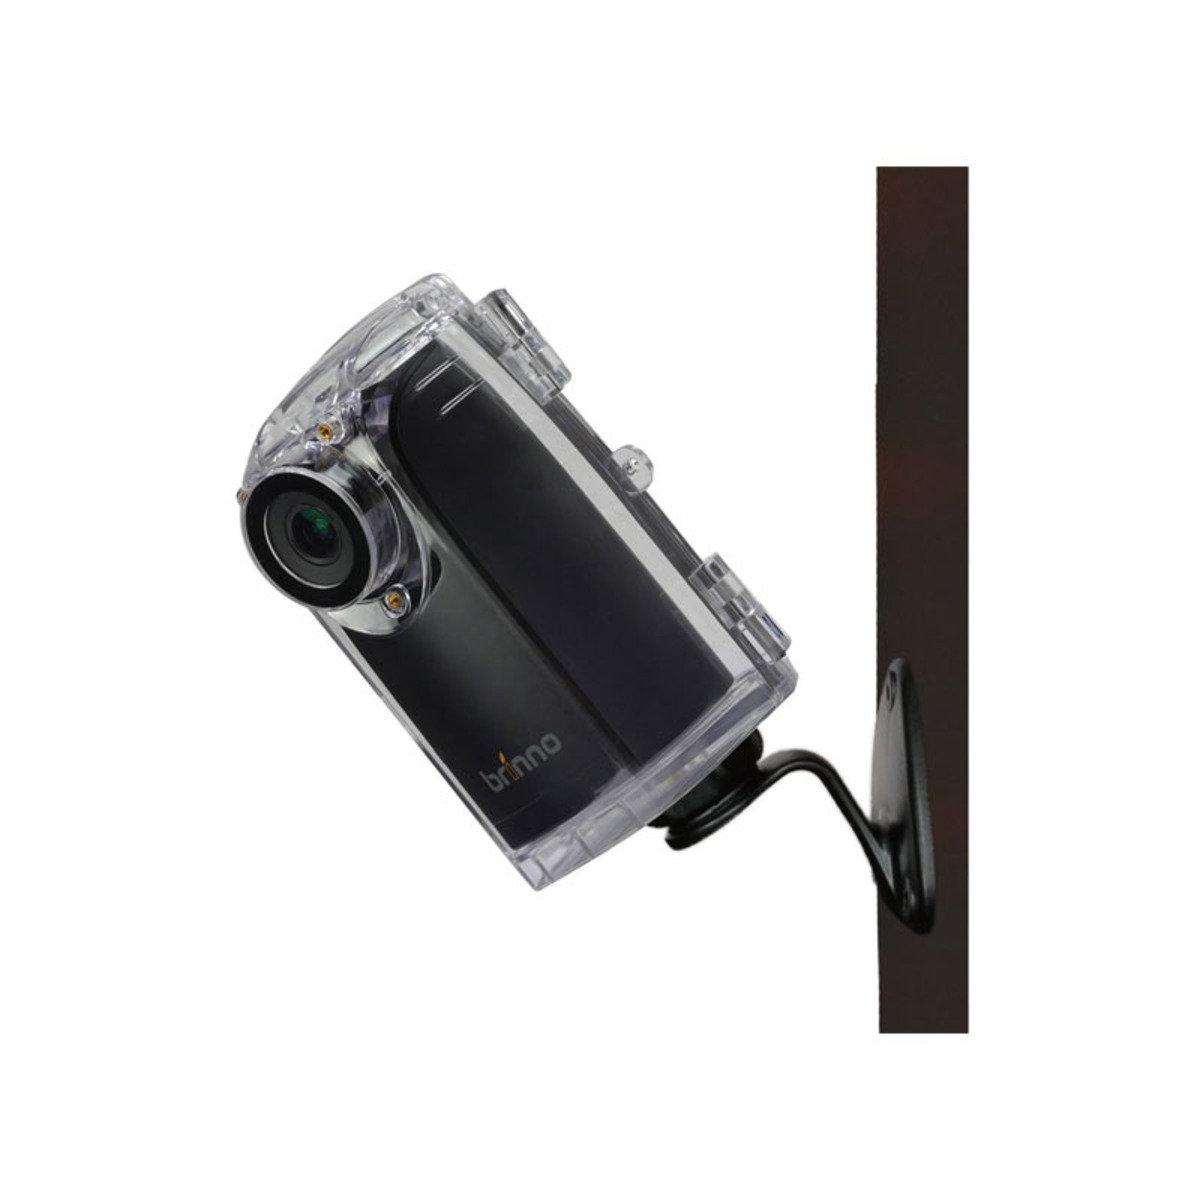 高清建築IPX4縮時攝影相機 BCC200